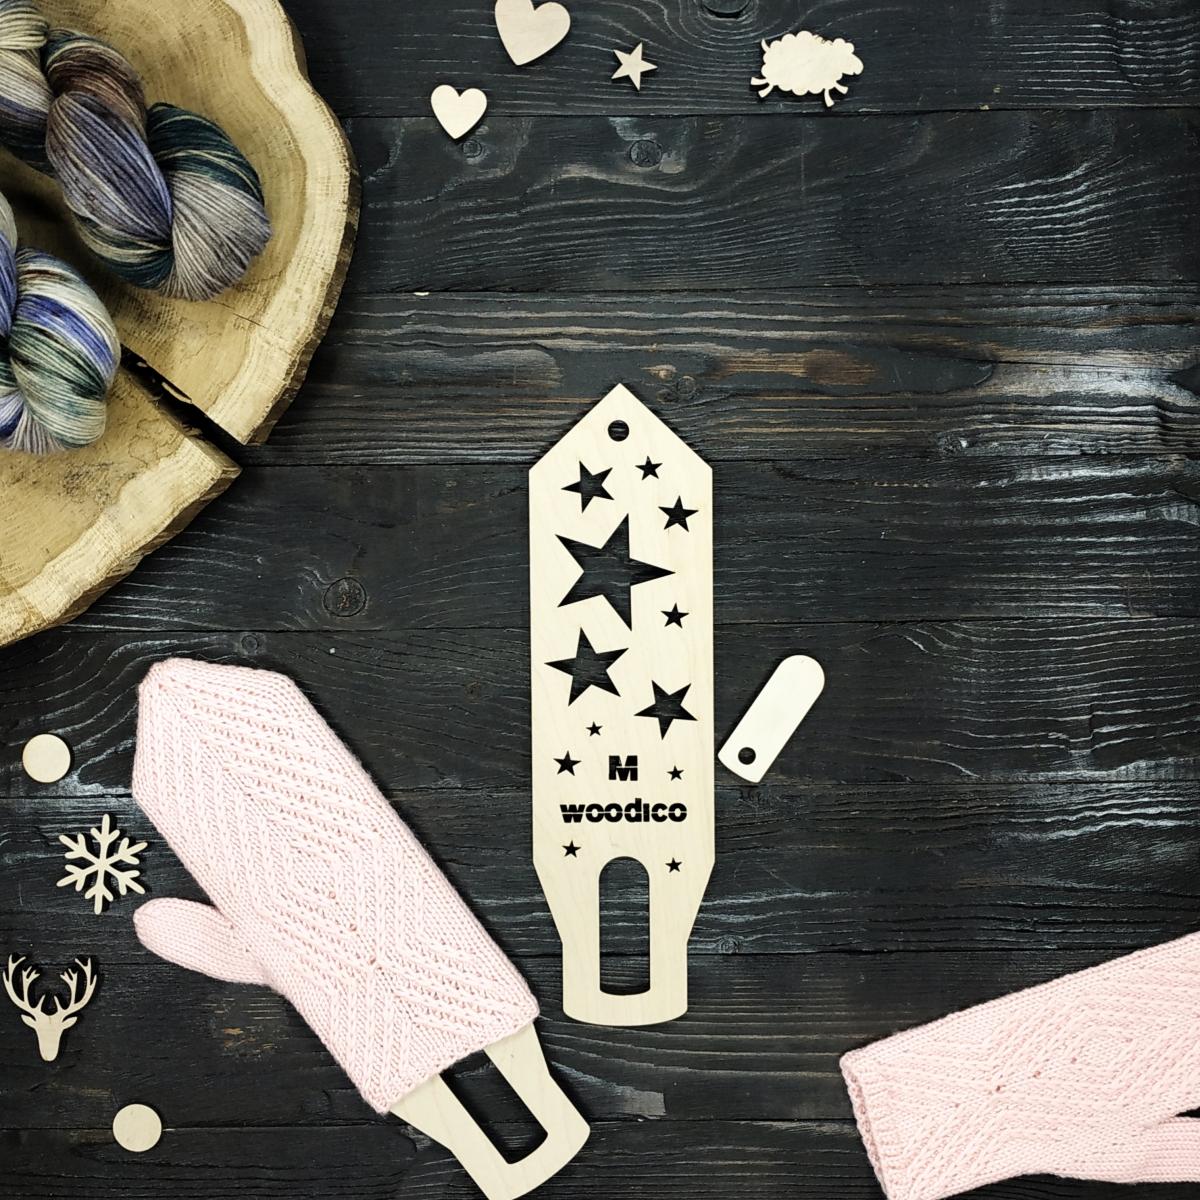 woodico.pro wooden mitten blockers nordic stars 1200x1200 - Wooden mitten blockers / Nordic Stars